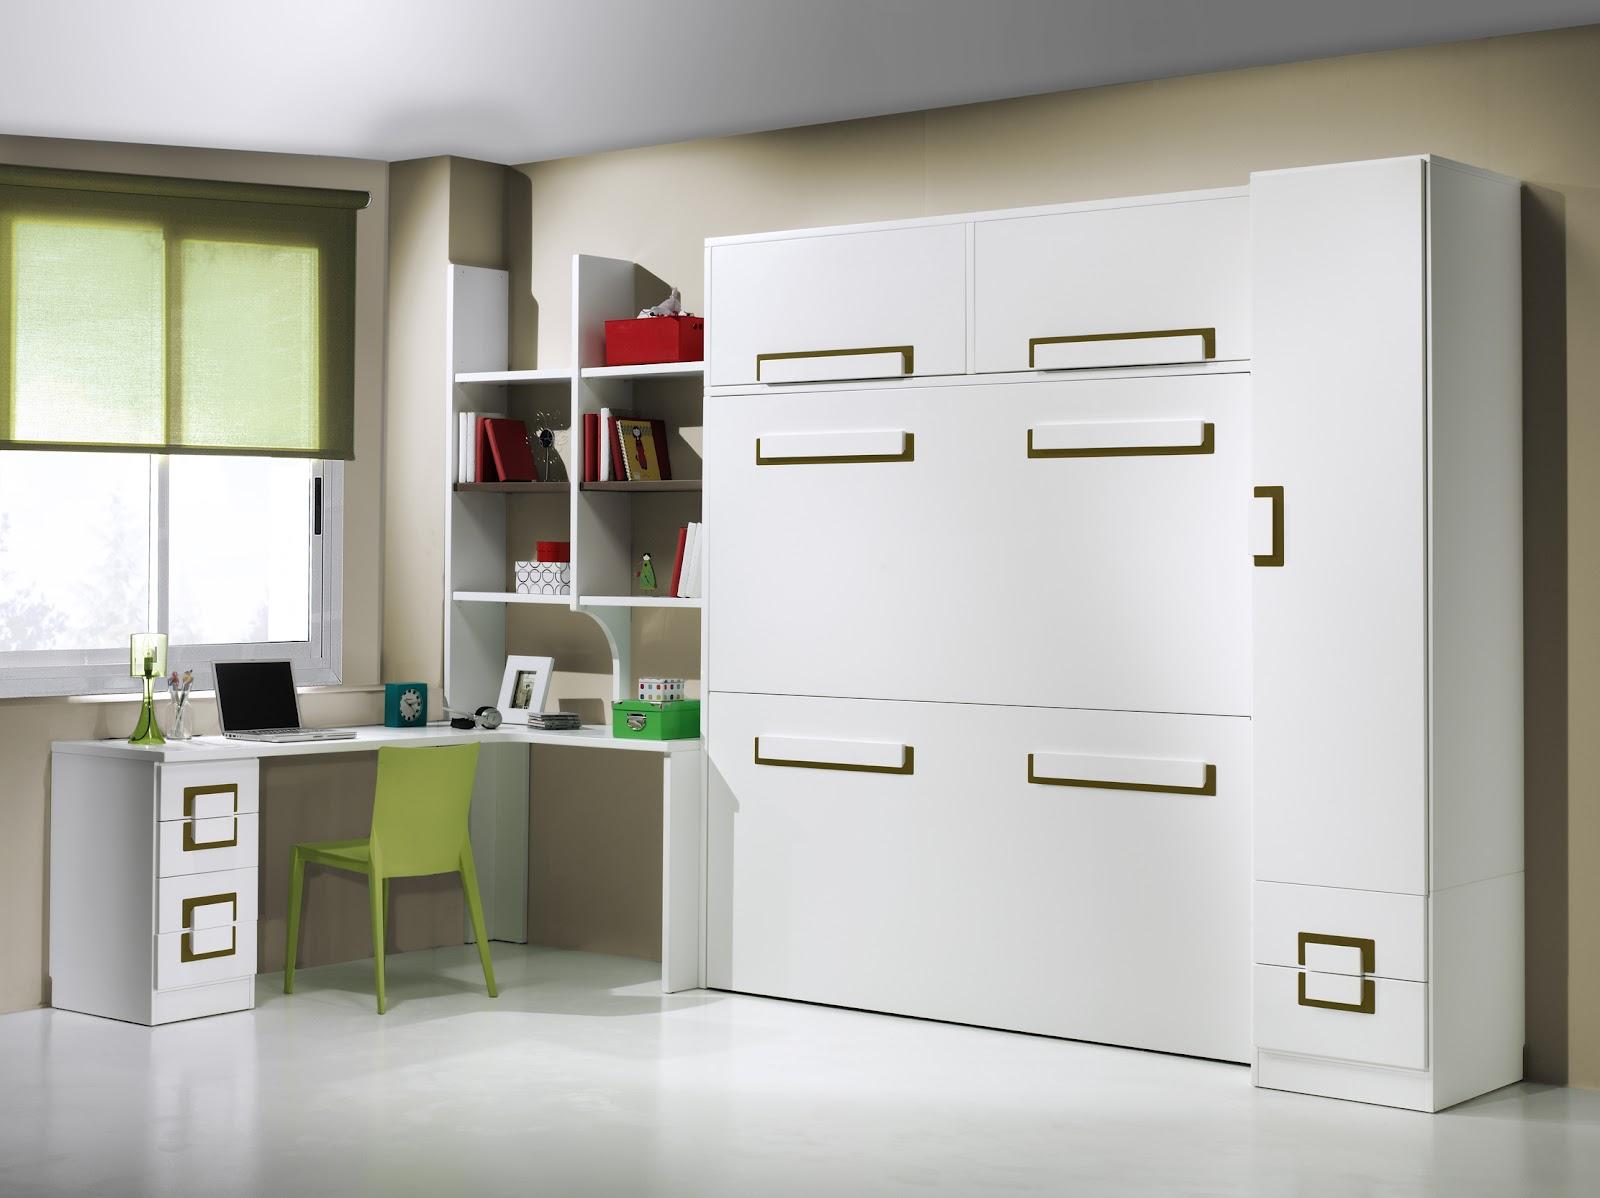 Estudio adem s de poder acoplar otro tipo de modulos - Habitaciones juveniles espacios pequenos ...